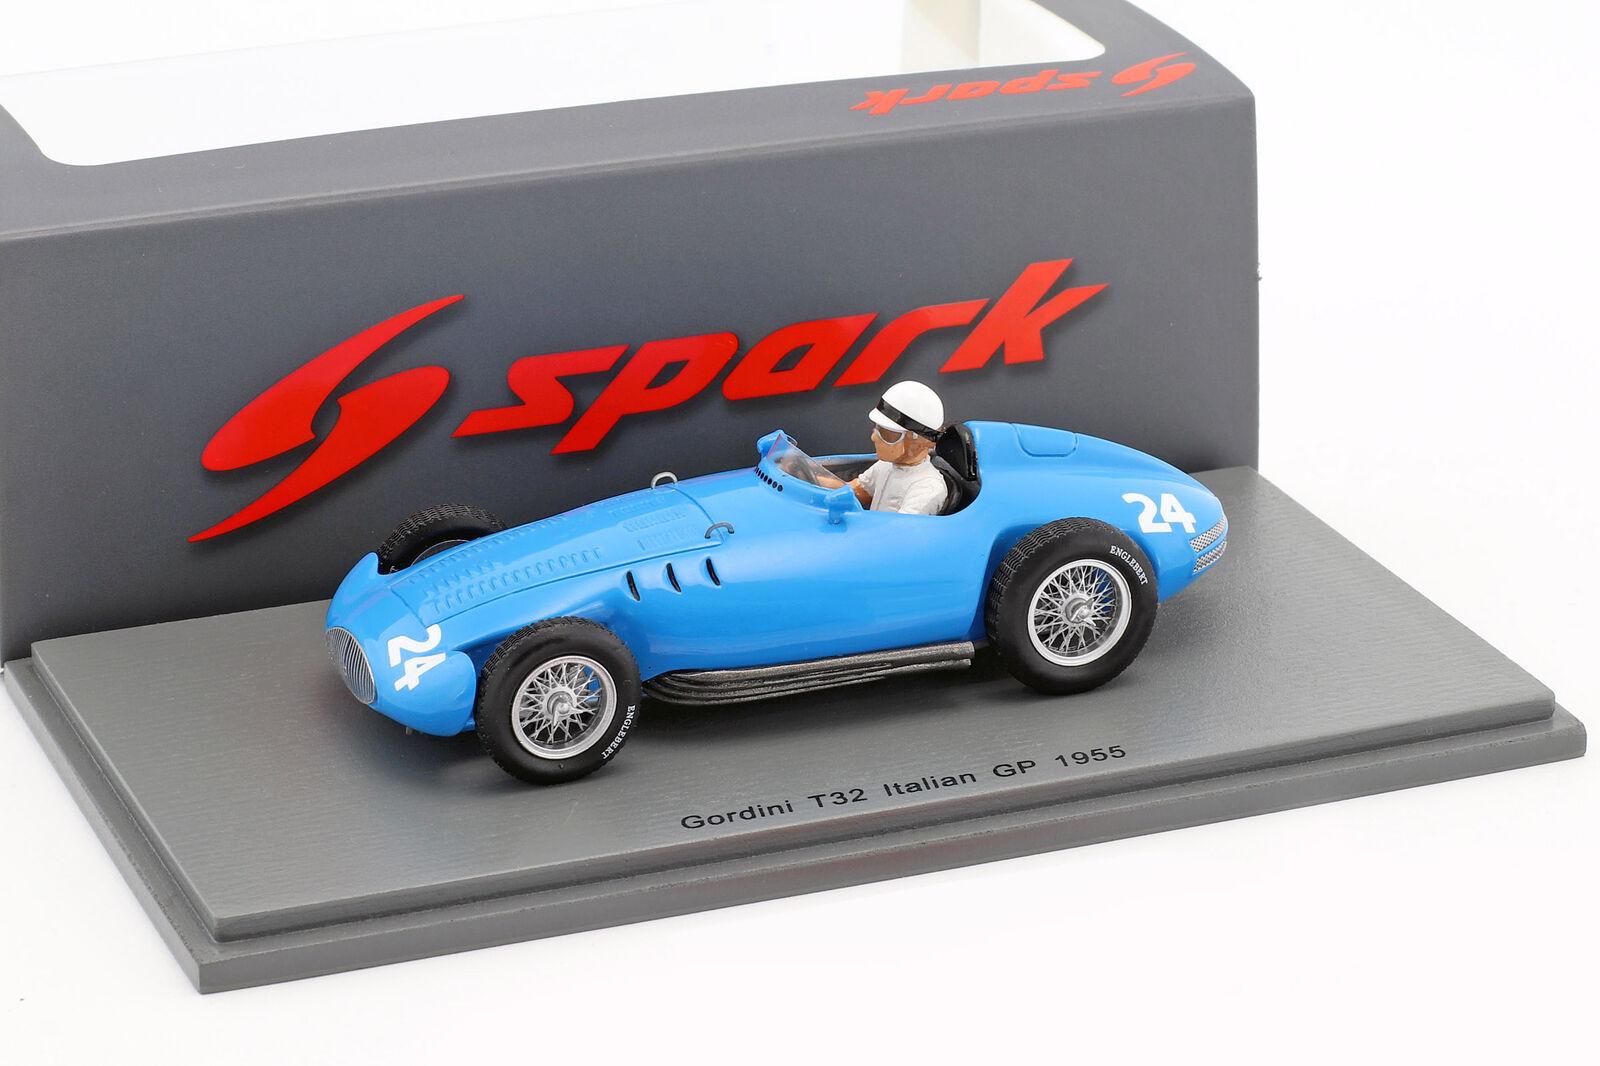 distribución global Jean Lucas Gordini t32  24 italia italia italia gp fórmula 1 1955 1 43 Spark  Venta al por mayor barato y de alta calidad.